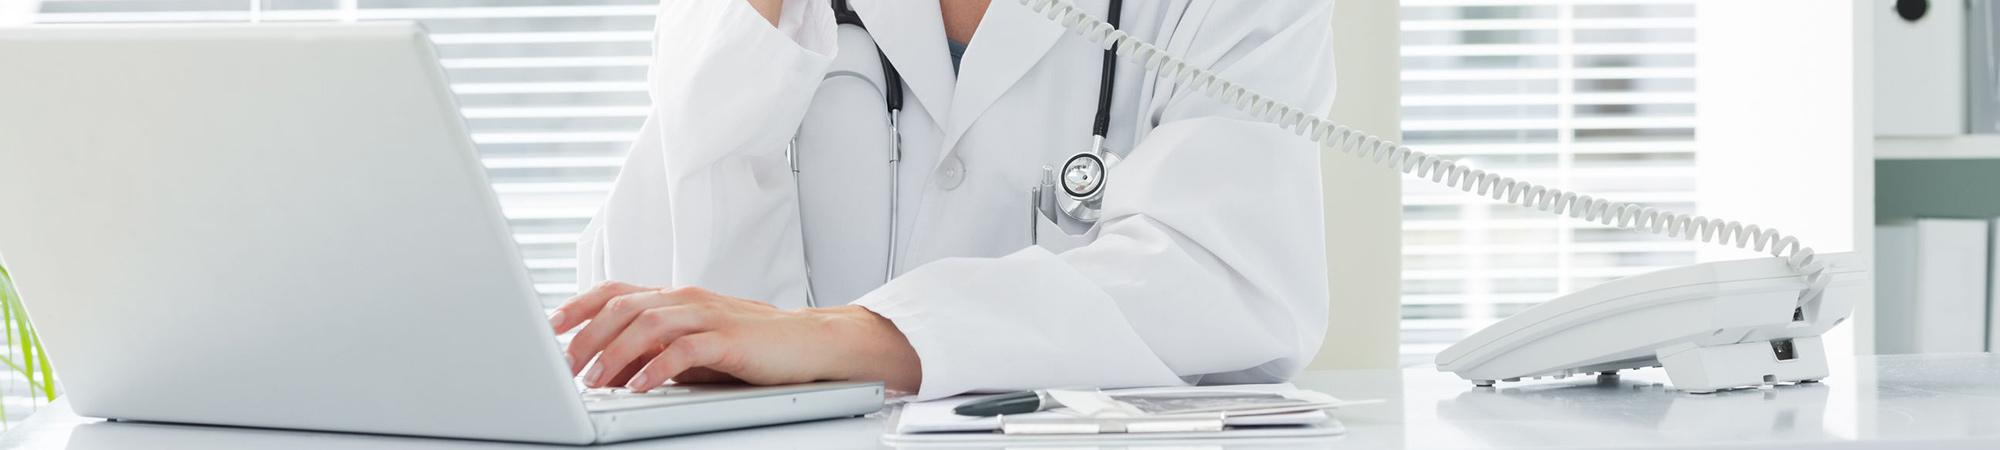 dr. sabine vielhaber frauenheilkunde geburtshilfe frauenarzt gynäkologin gevelsberg hagen schwelm ennepetal